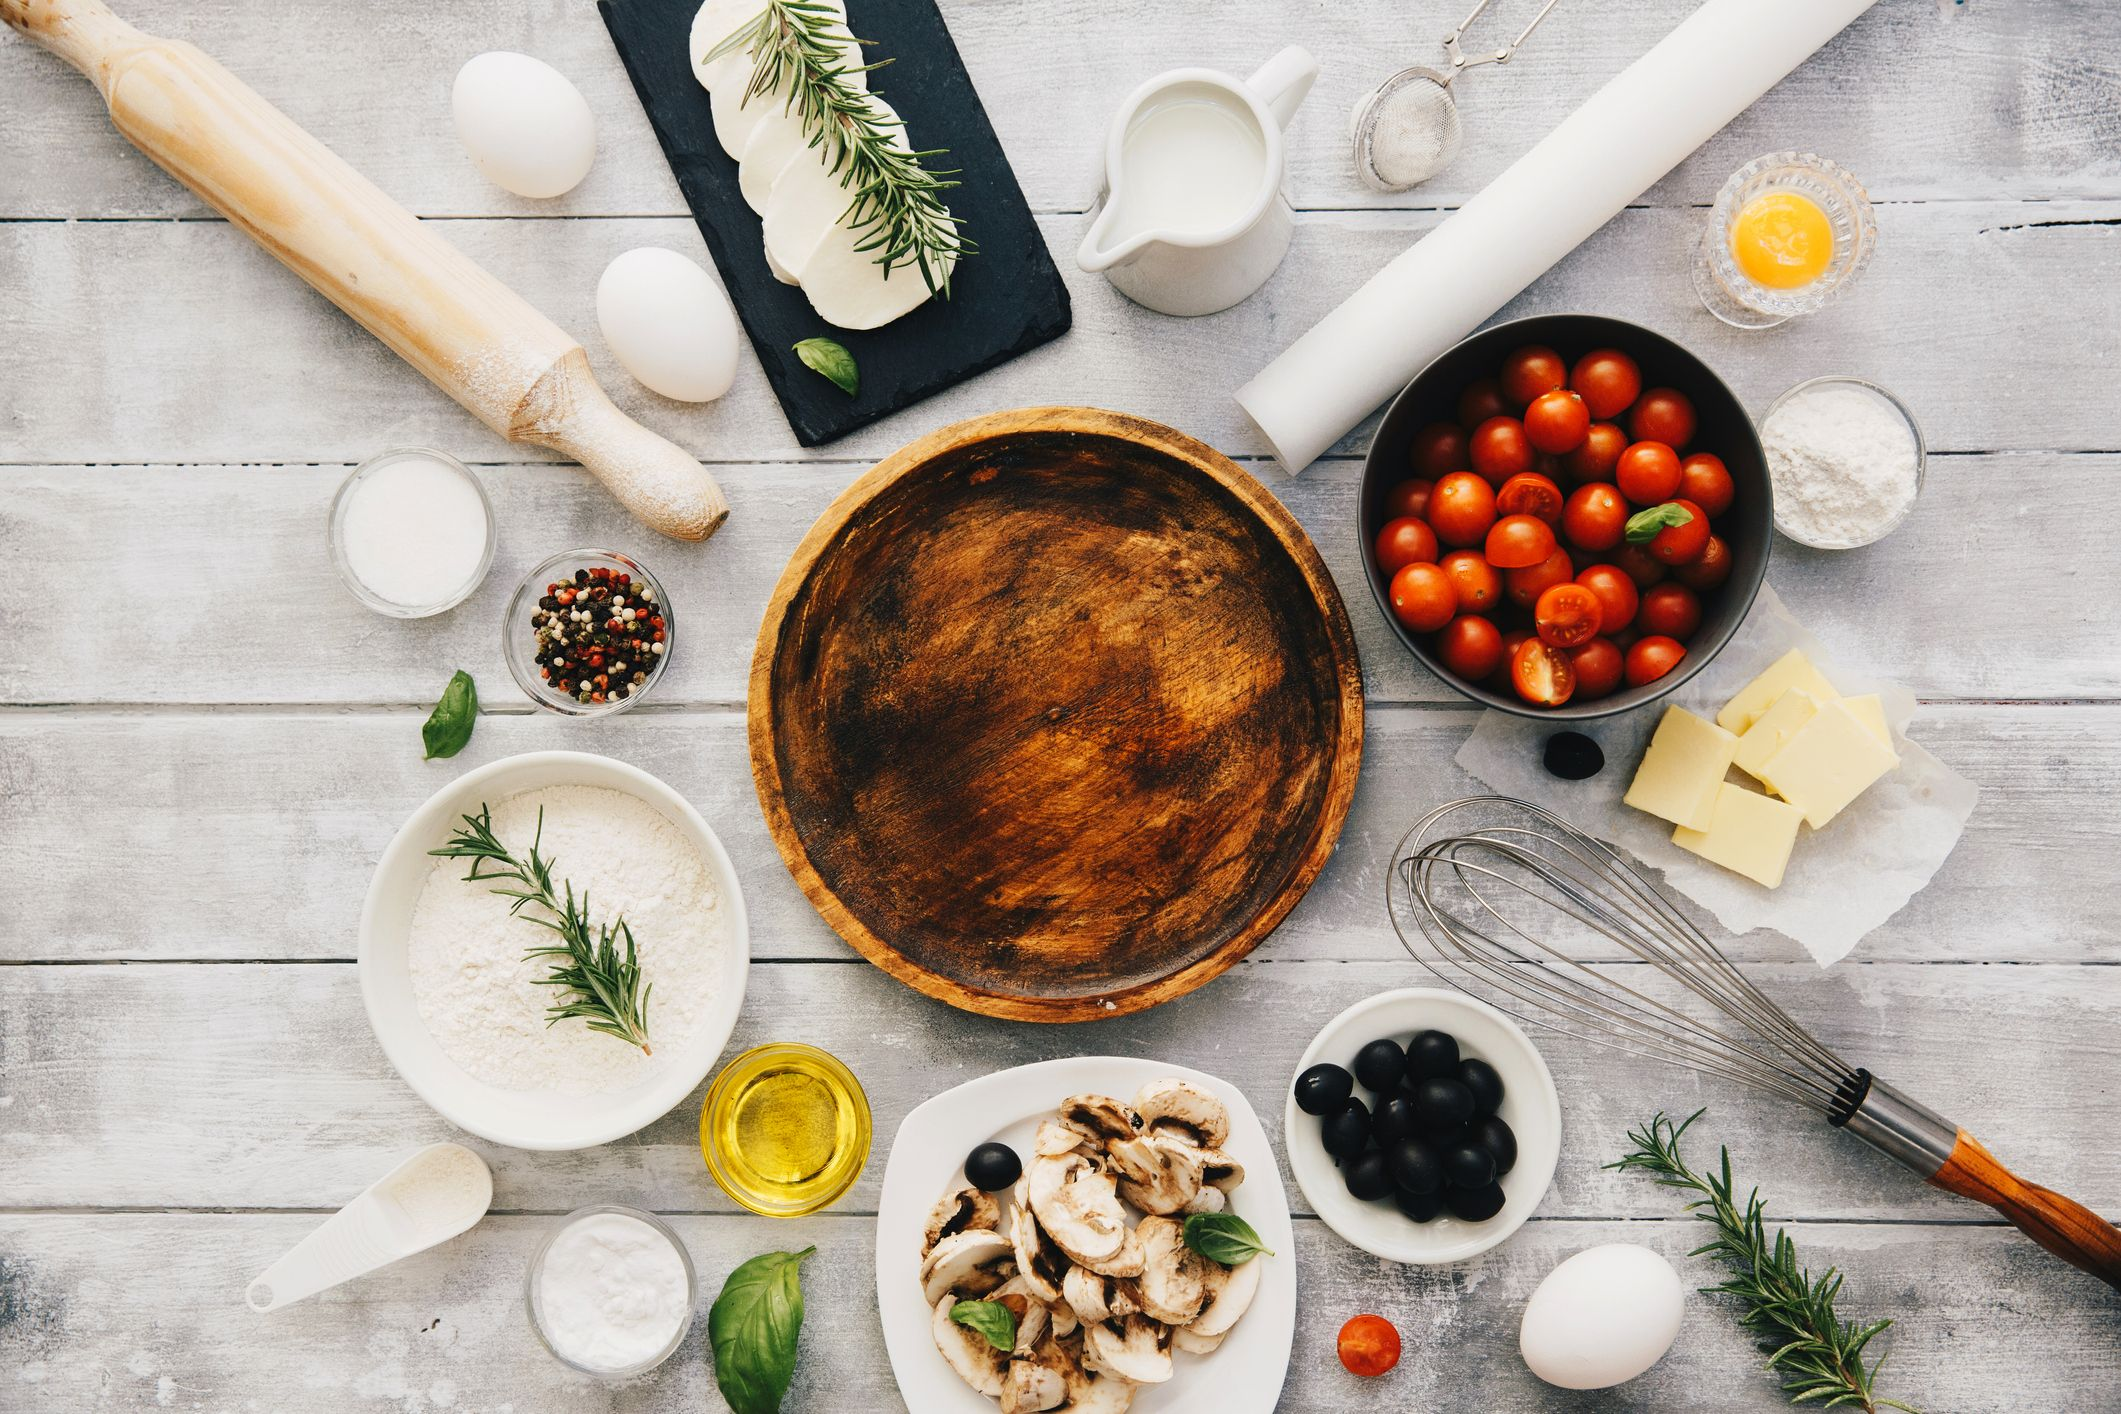 Dieta equilibrada durante la menopausia